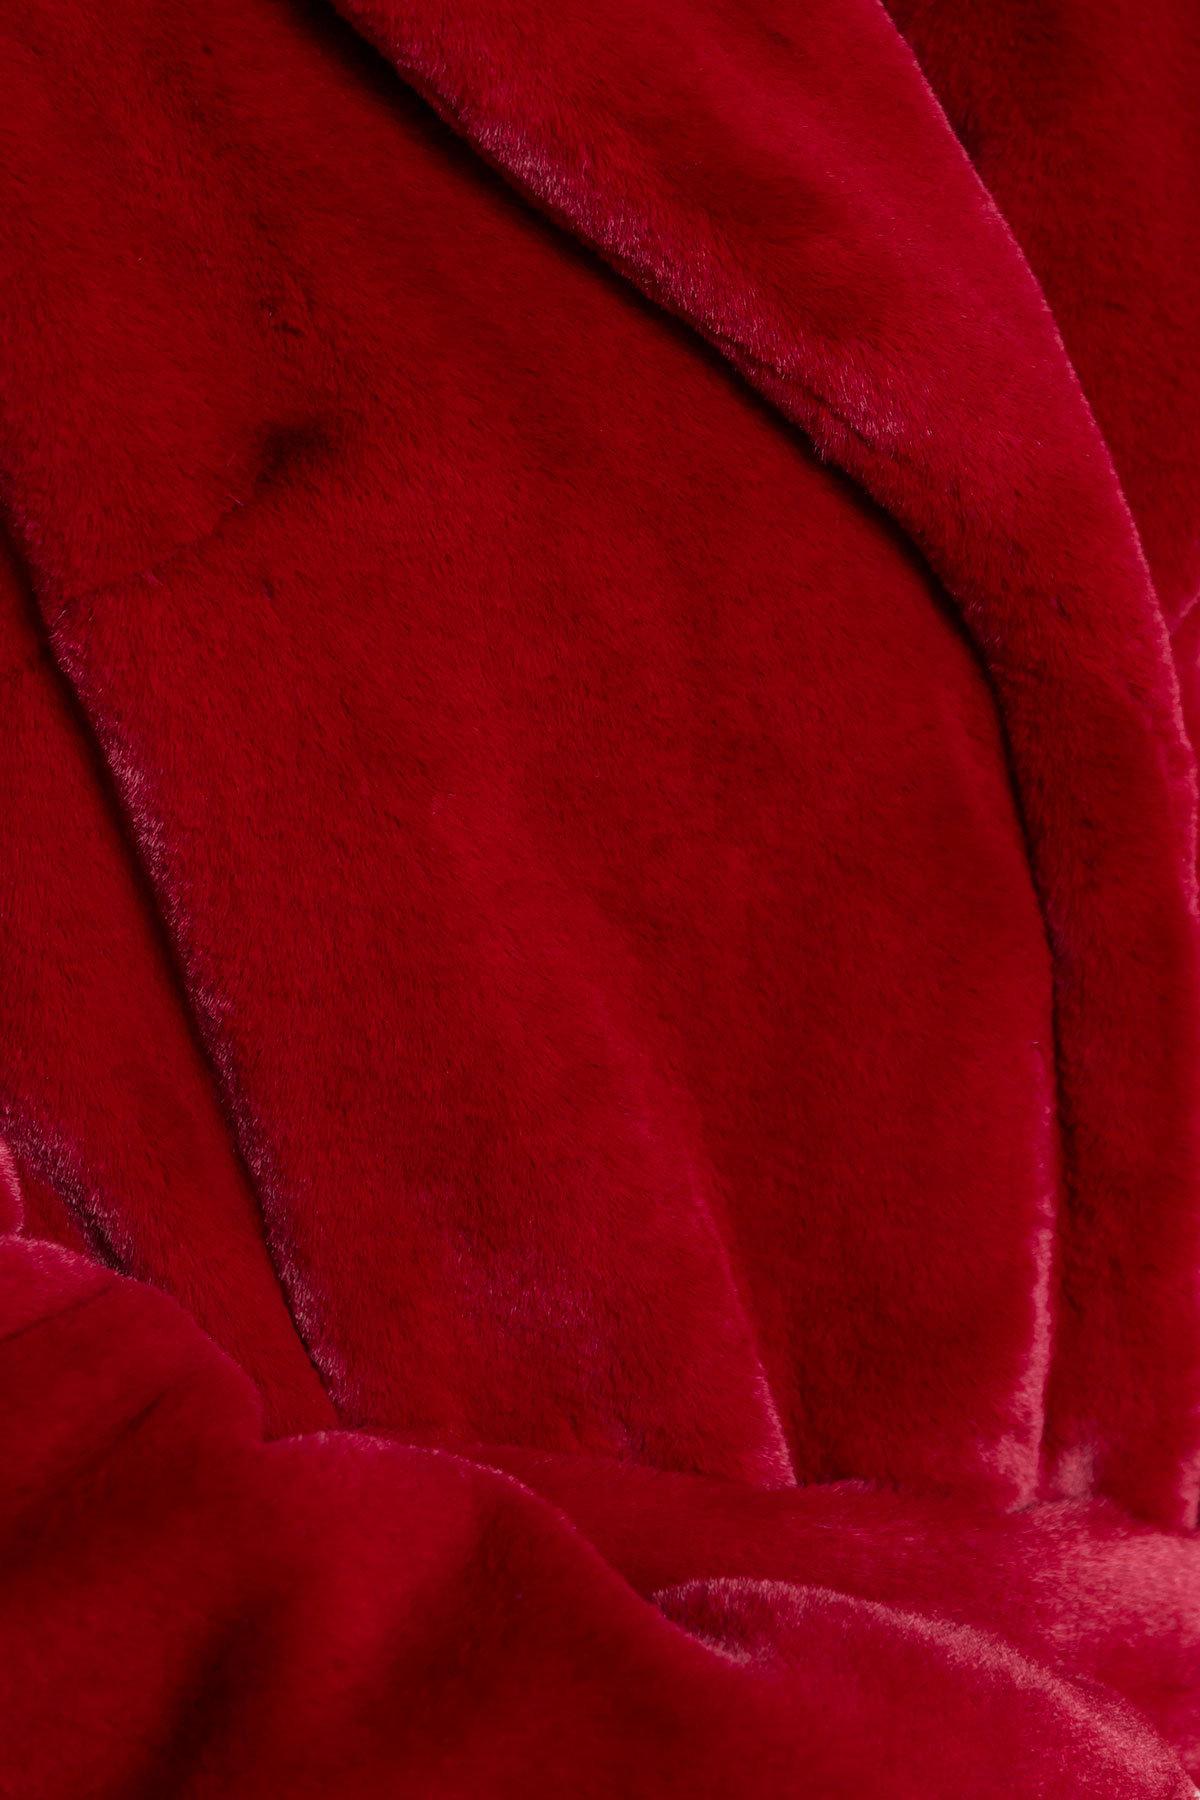 Эко шуба красного цвета Субира 4287 АРТ. 20758 Цвет: Марсала - фото 6, интернет магазин tm-modus.ru